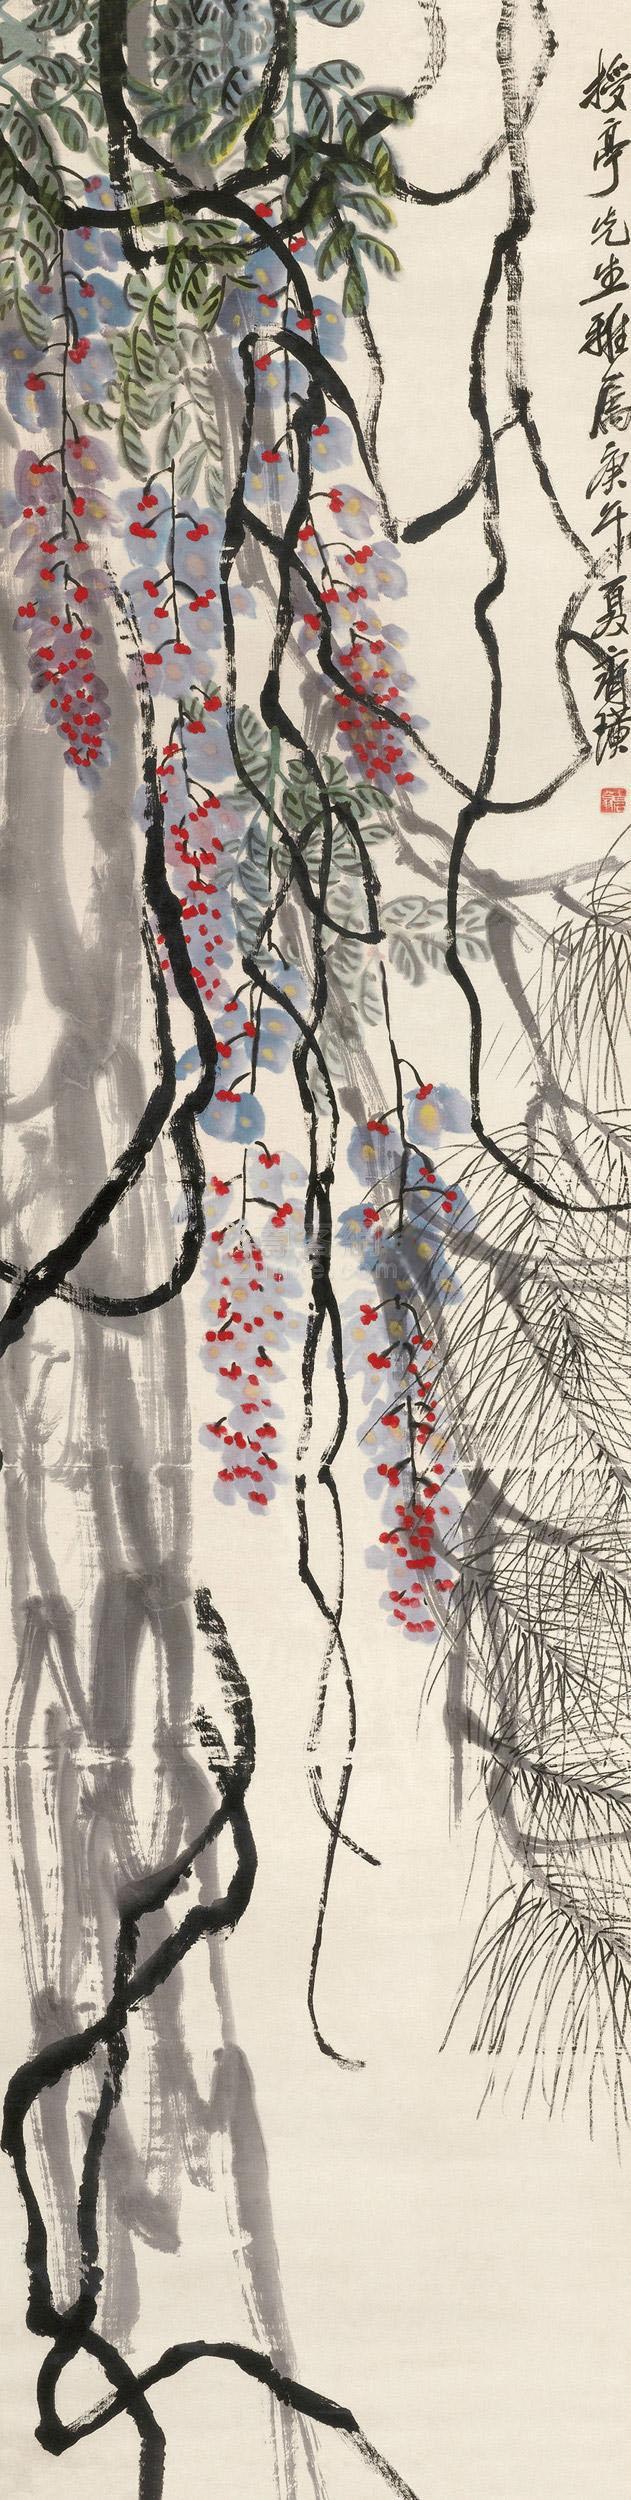 齐白石 紫藤松树 镜框 设色纸本作品欣赏